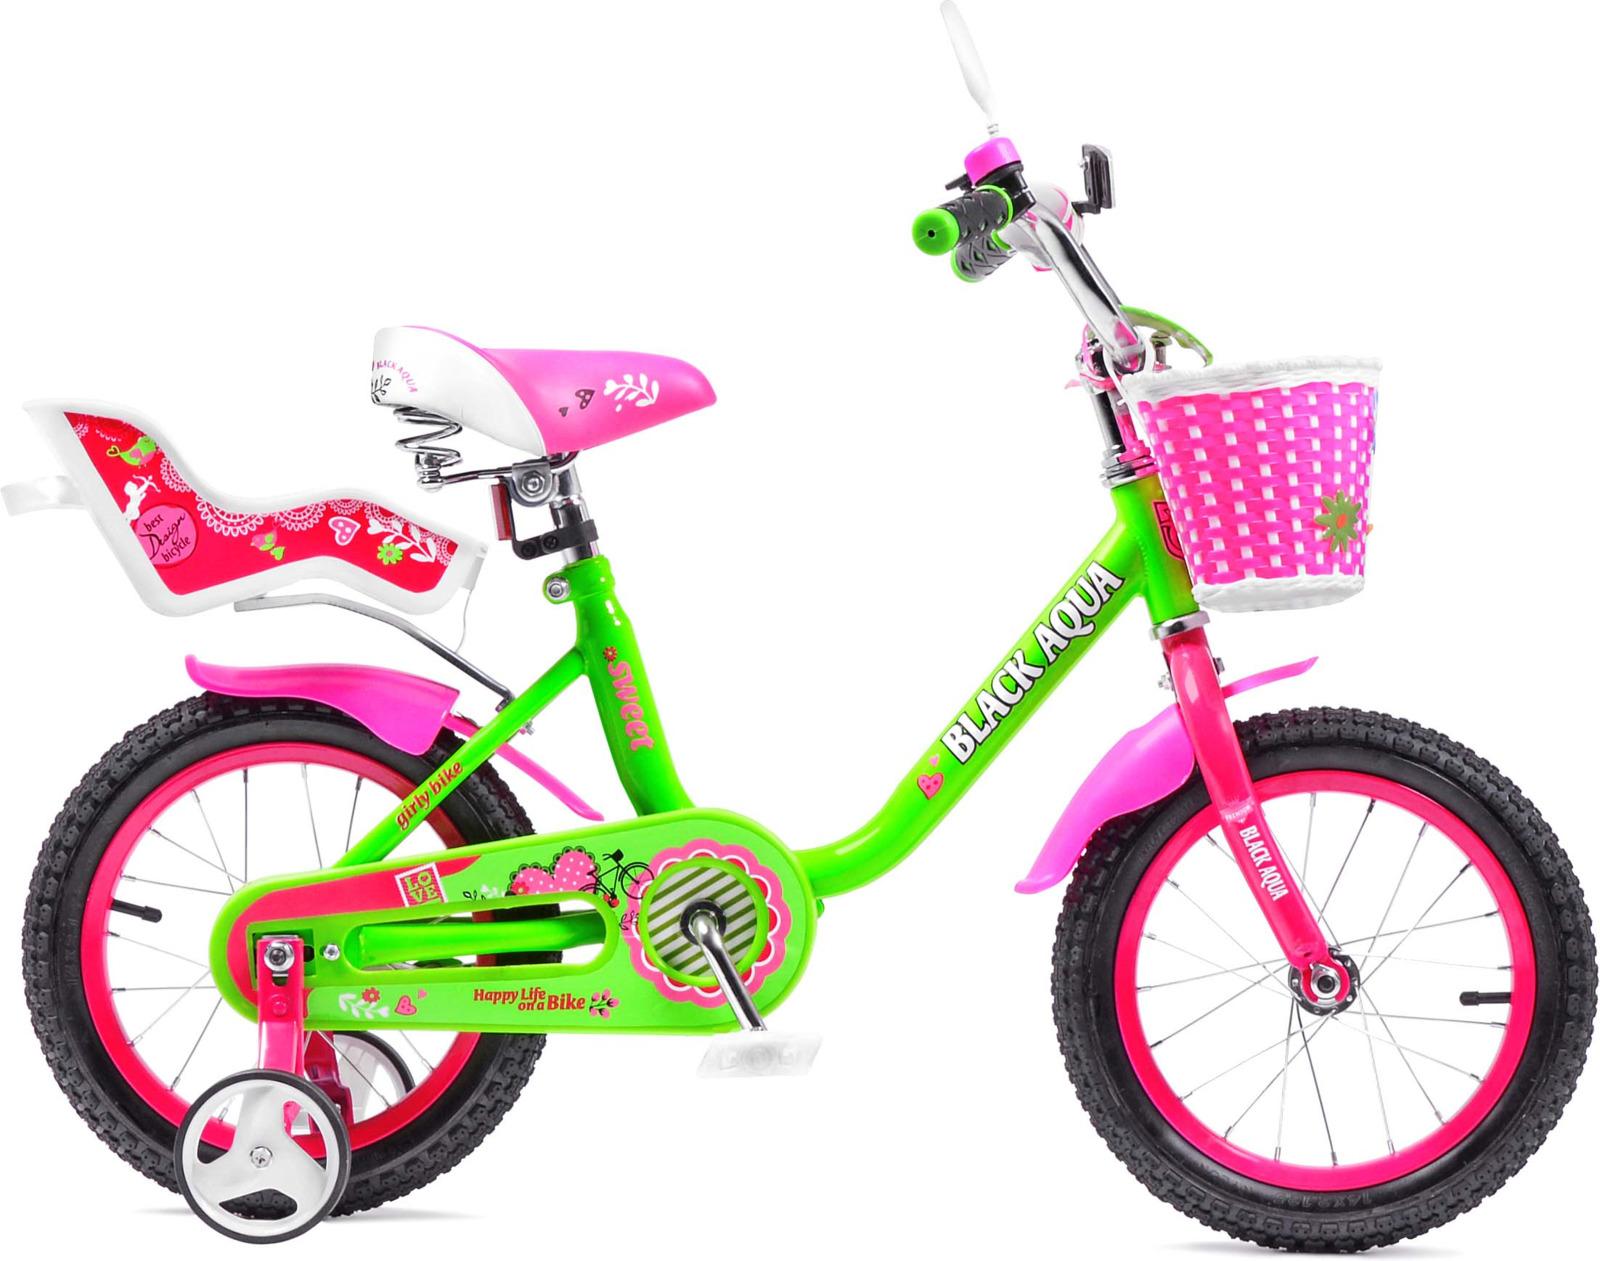 Велосипед детский Black Aqua Sweet, KG1203, со светящимися колесами, колесо 12, салатовый, розовый